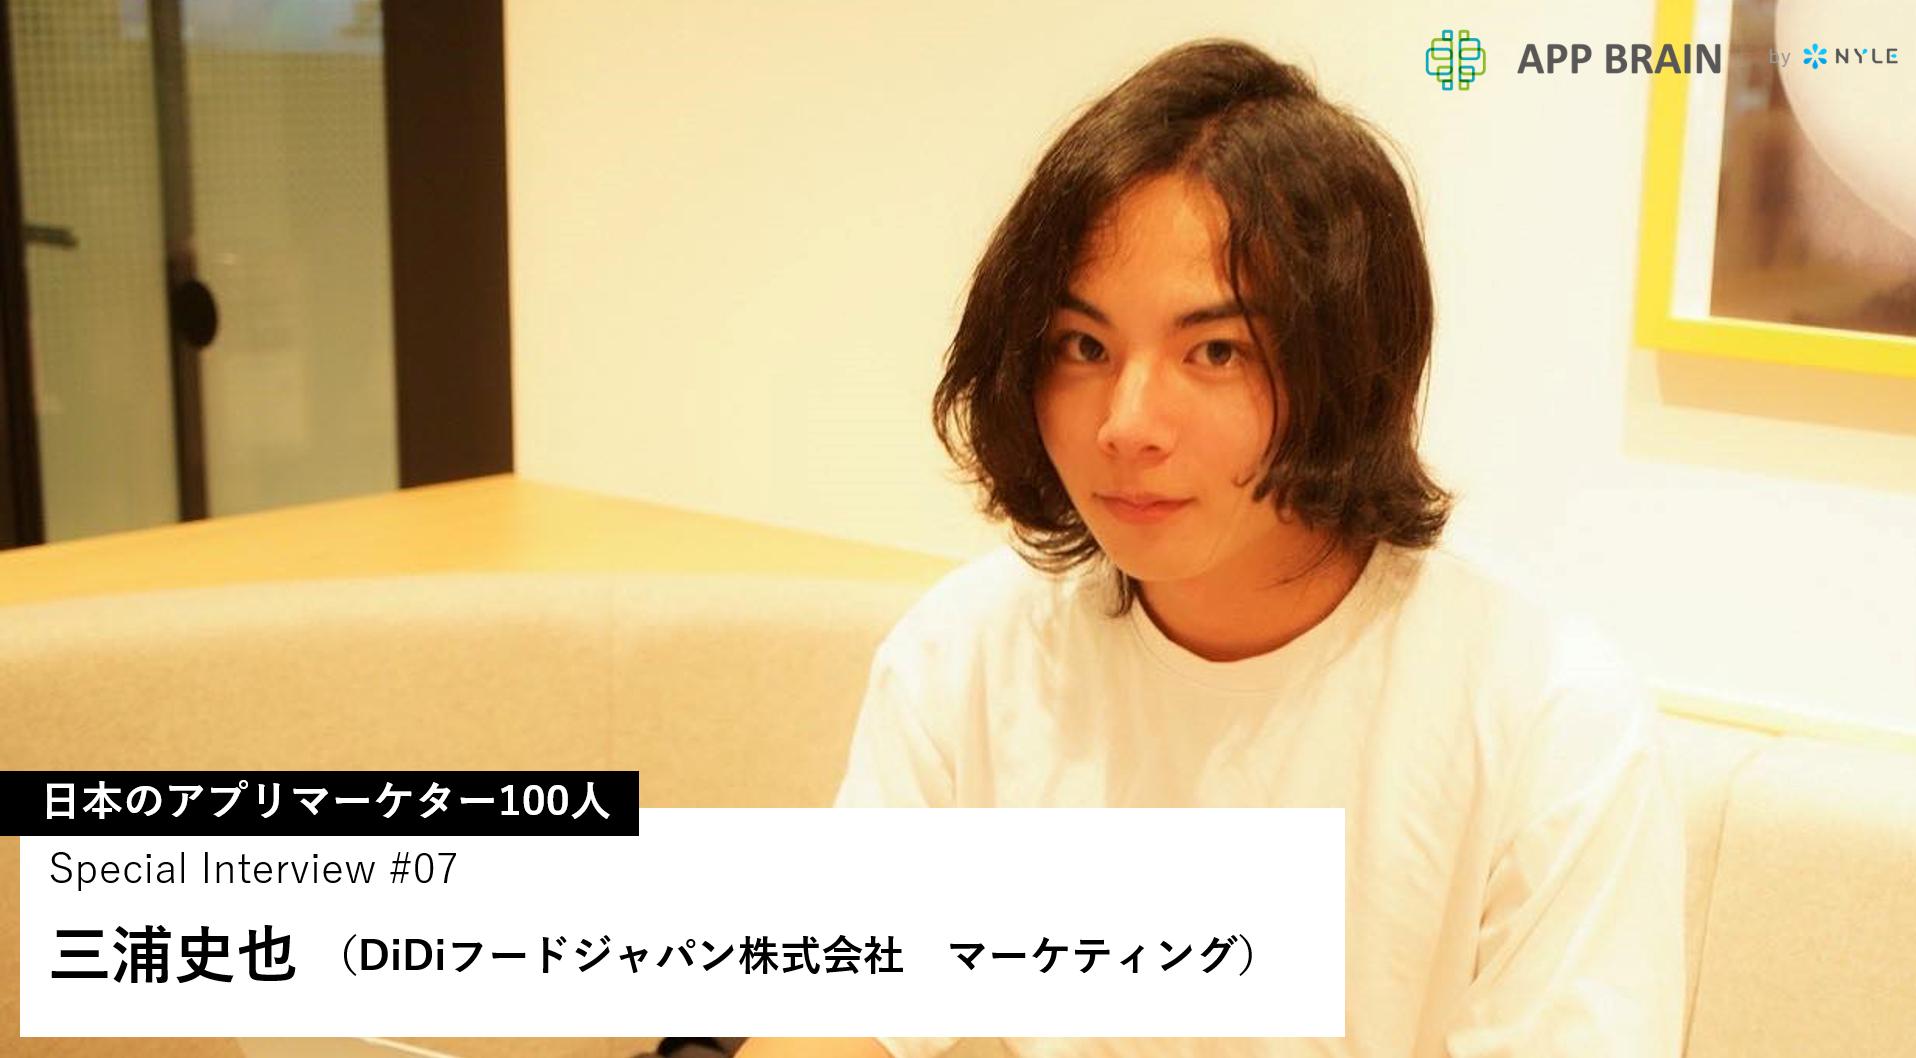 DiDi Food・三浦史也氏インタビュー「感情に触れる仮説検証でファンを増やす」